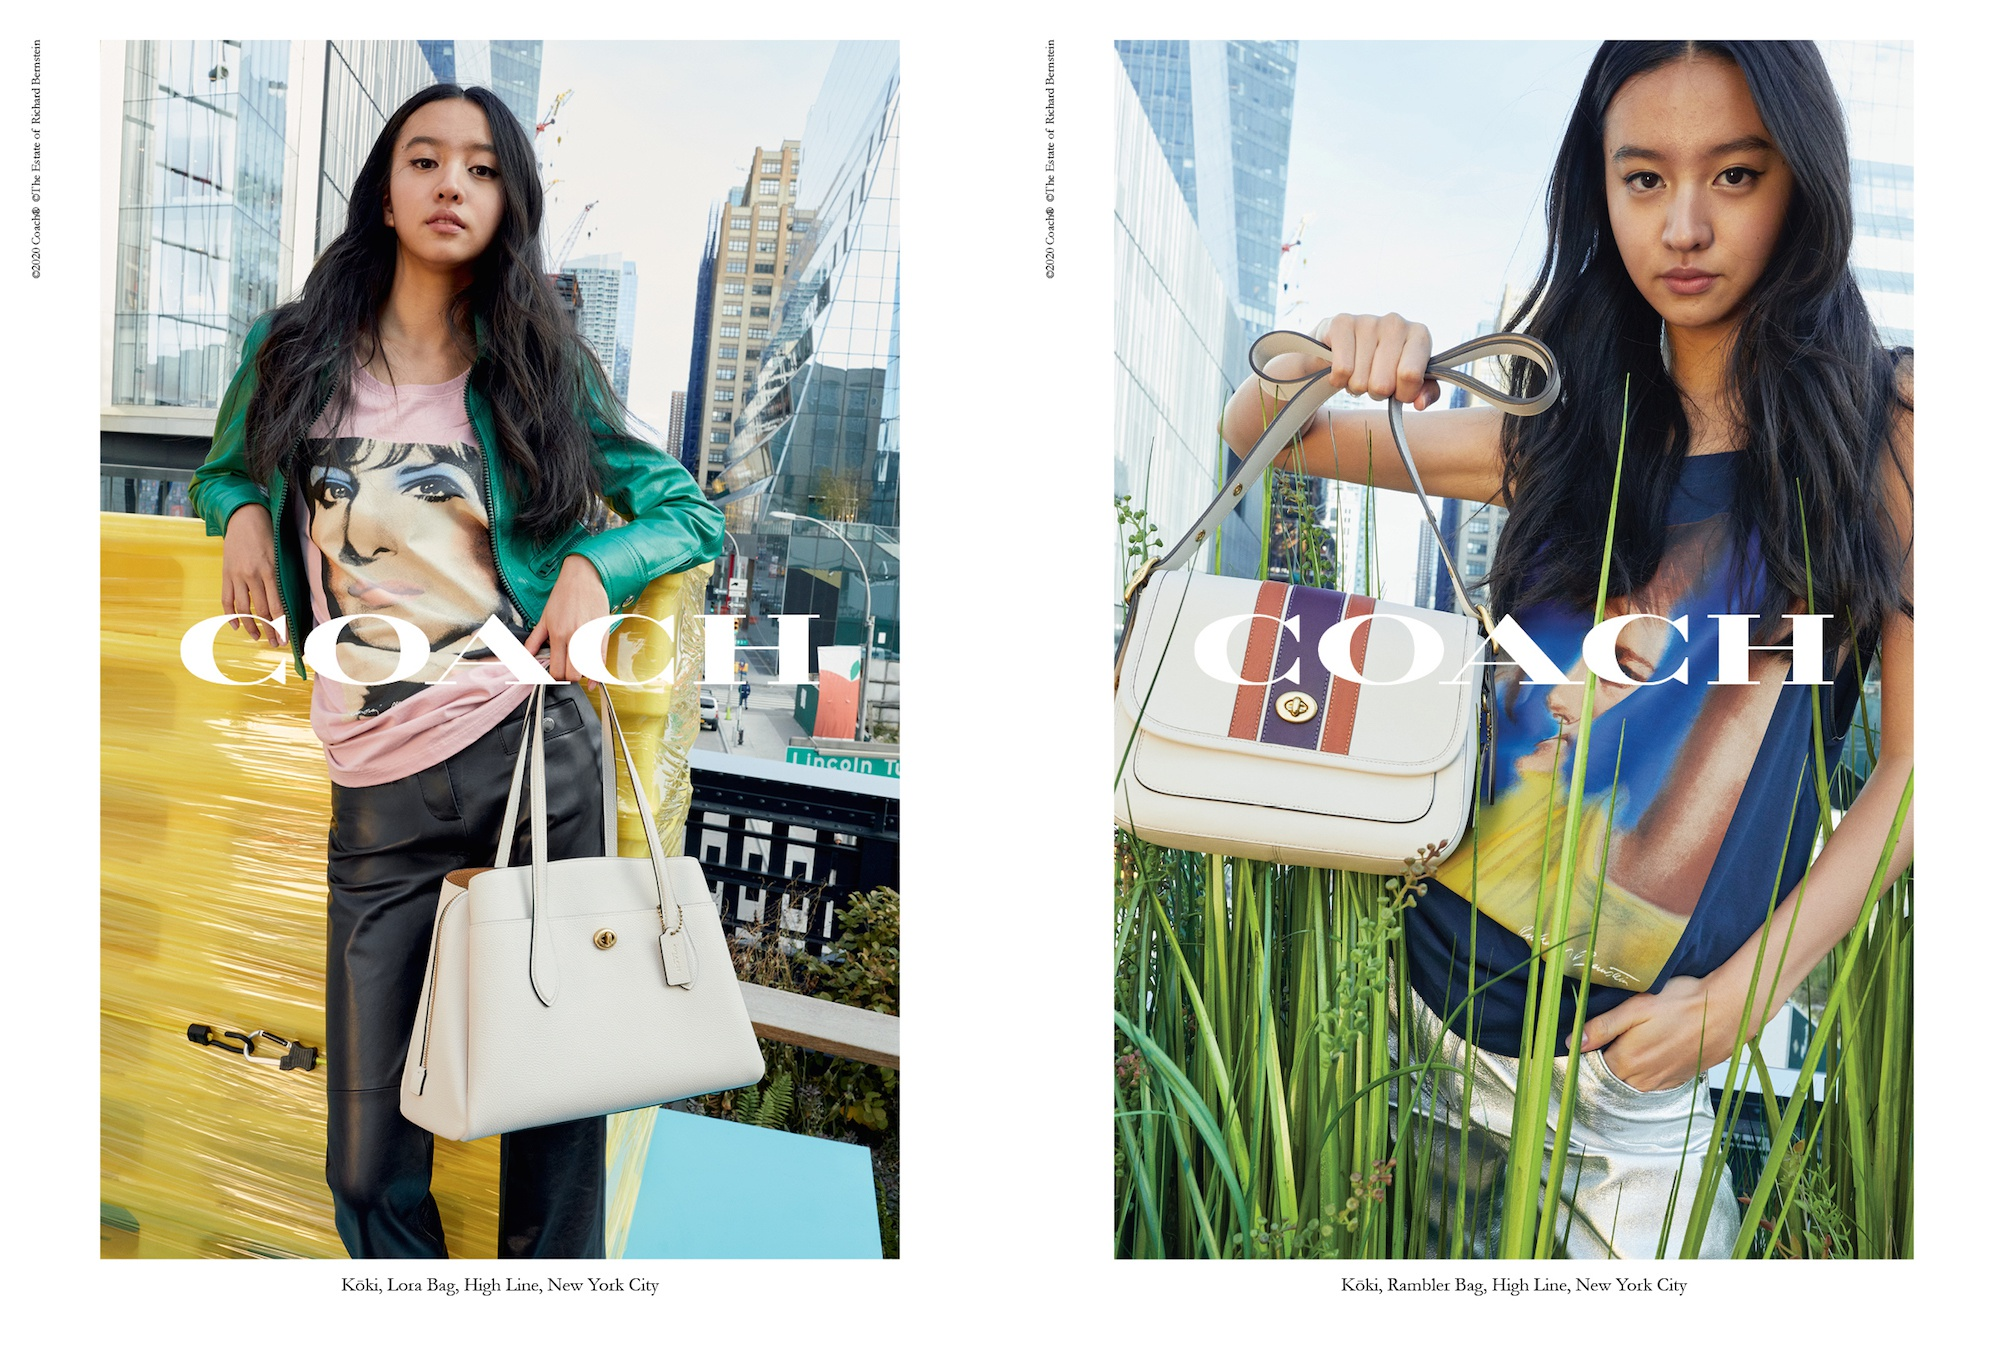 『コーチ』の広告キャンペーンに起用されたのは、モデルのKōki,さん! 彼女が持っている新作バッグもチェック☆_1